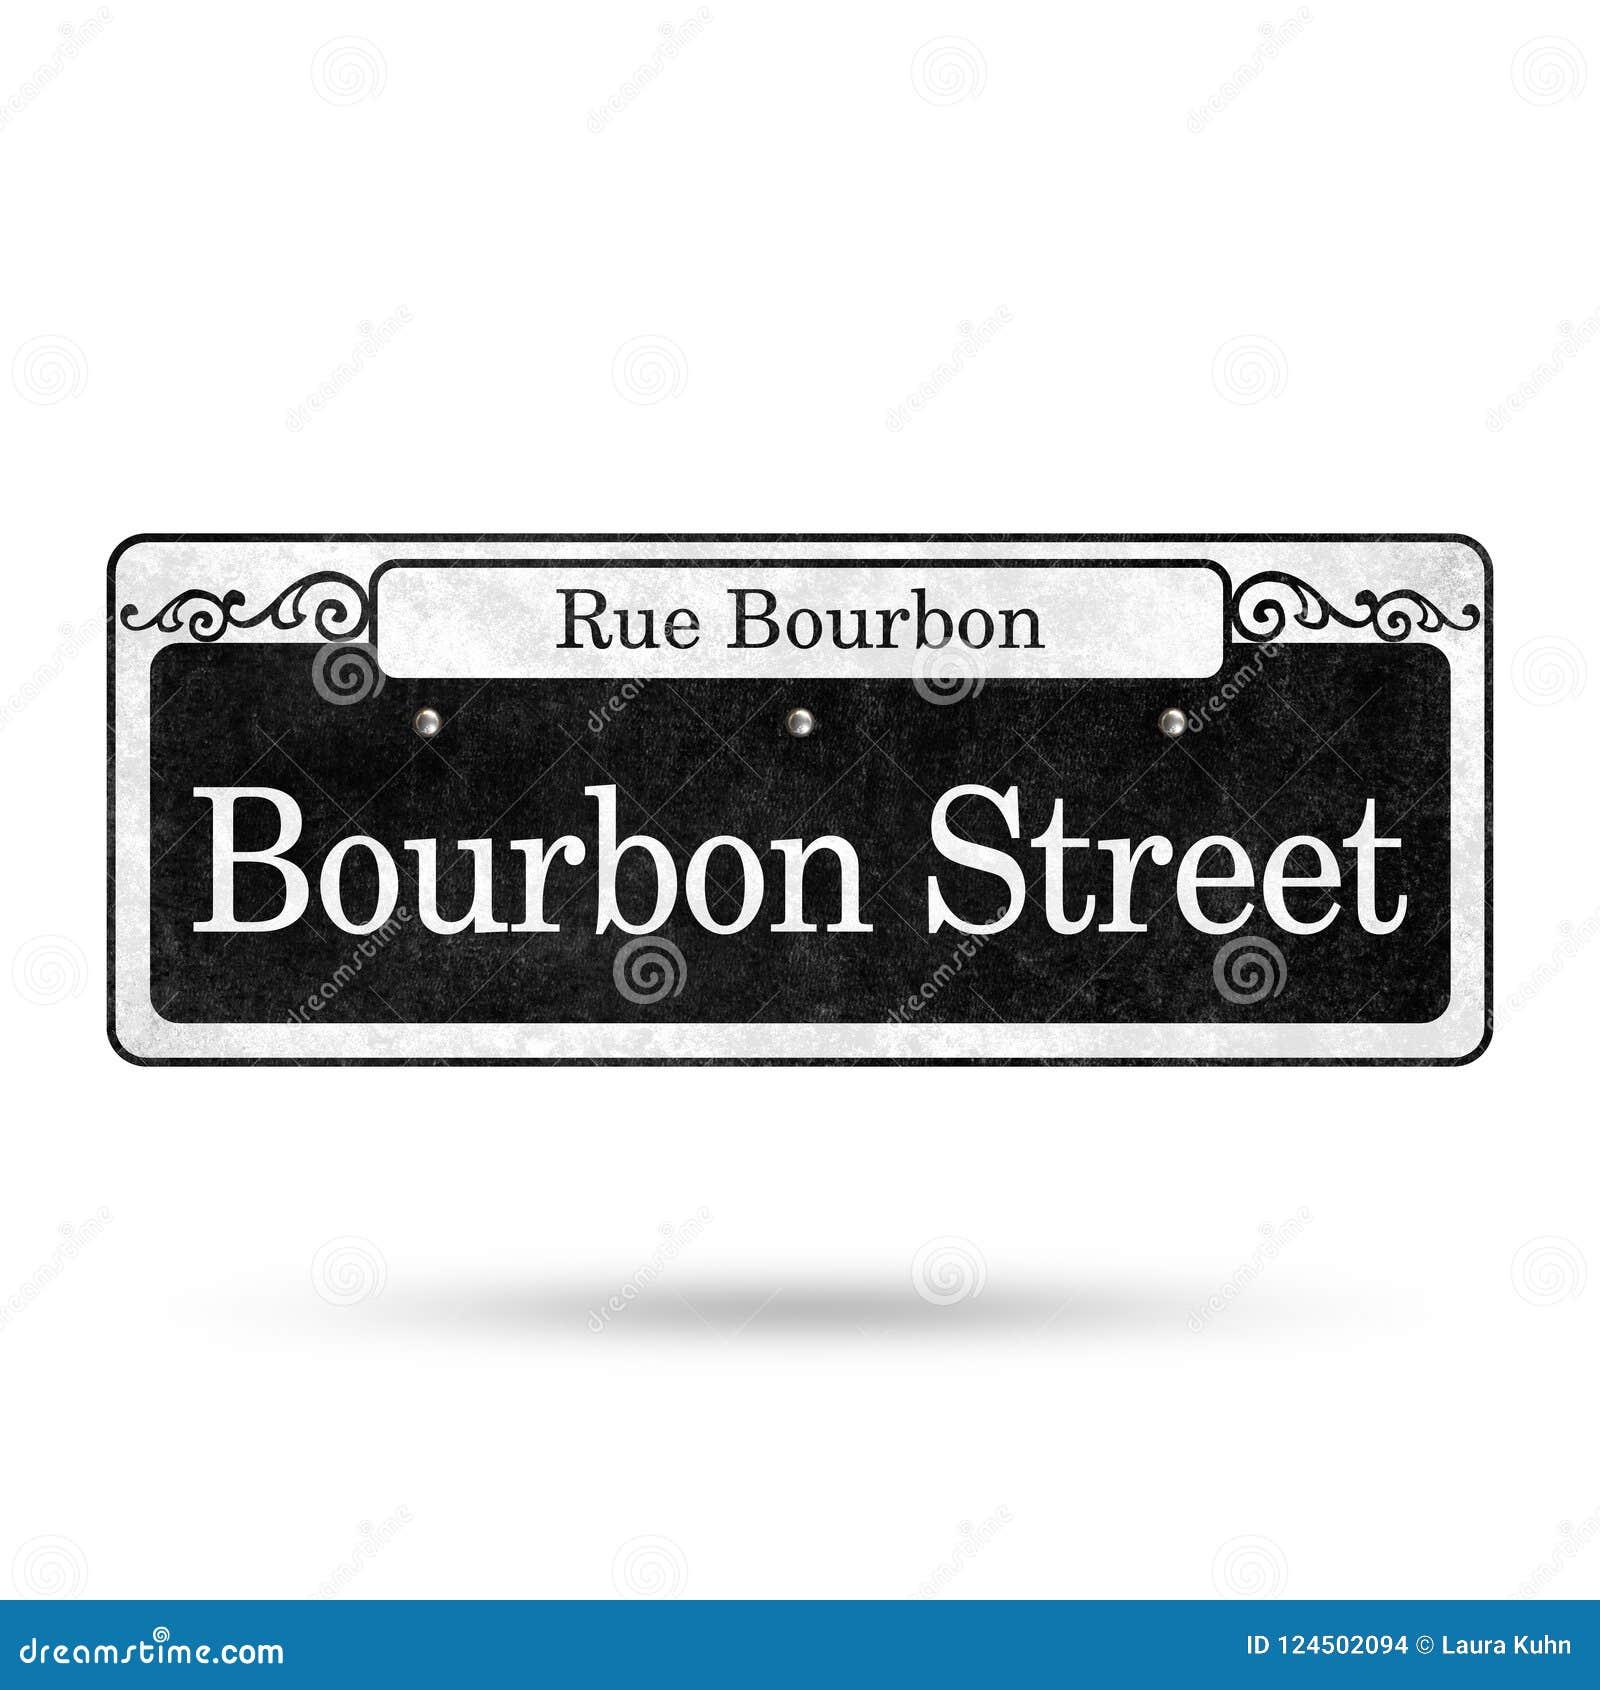 新奥尔良路牌法国街区街道名字汇集